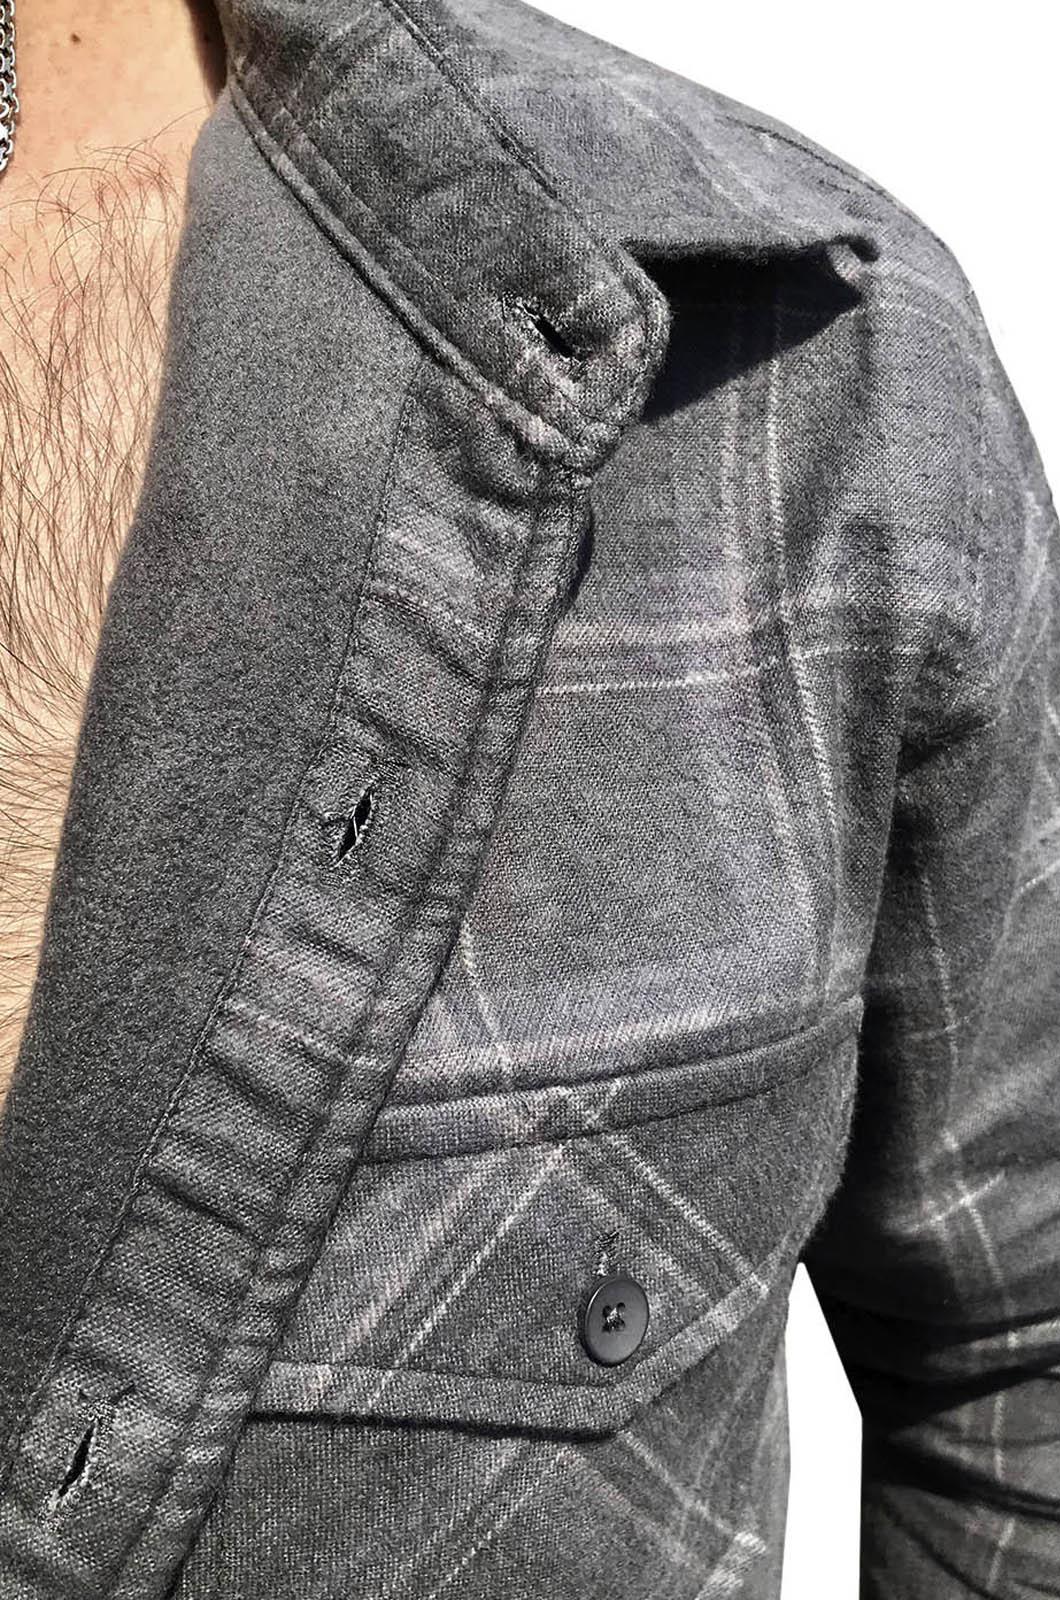 Мужская утепленная рубашка ВМФ ТАВКР Адмирал Кузнецов купить по сбалансированной цене